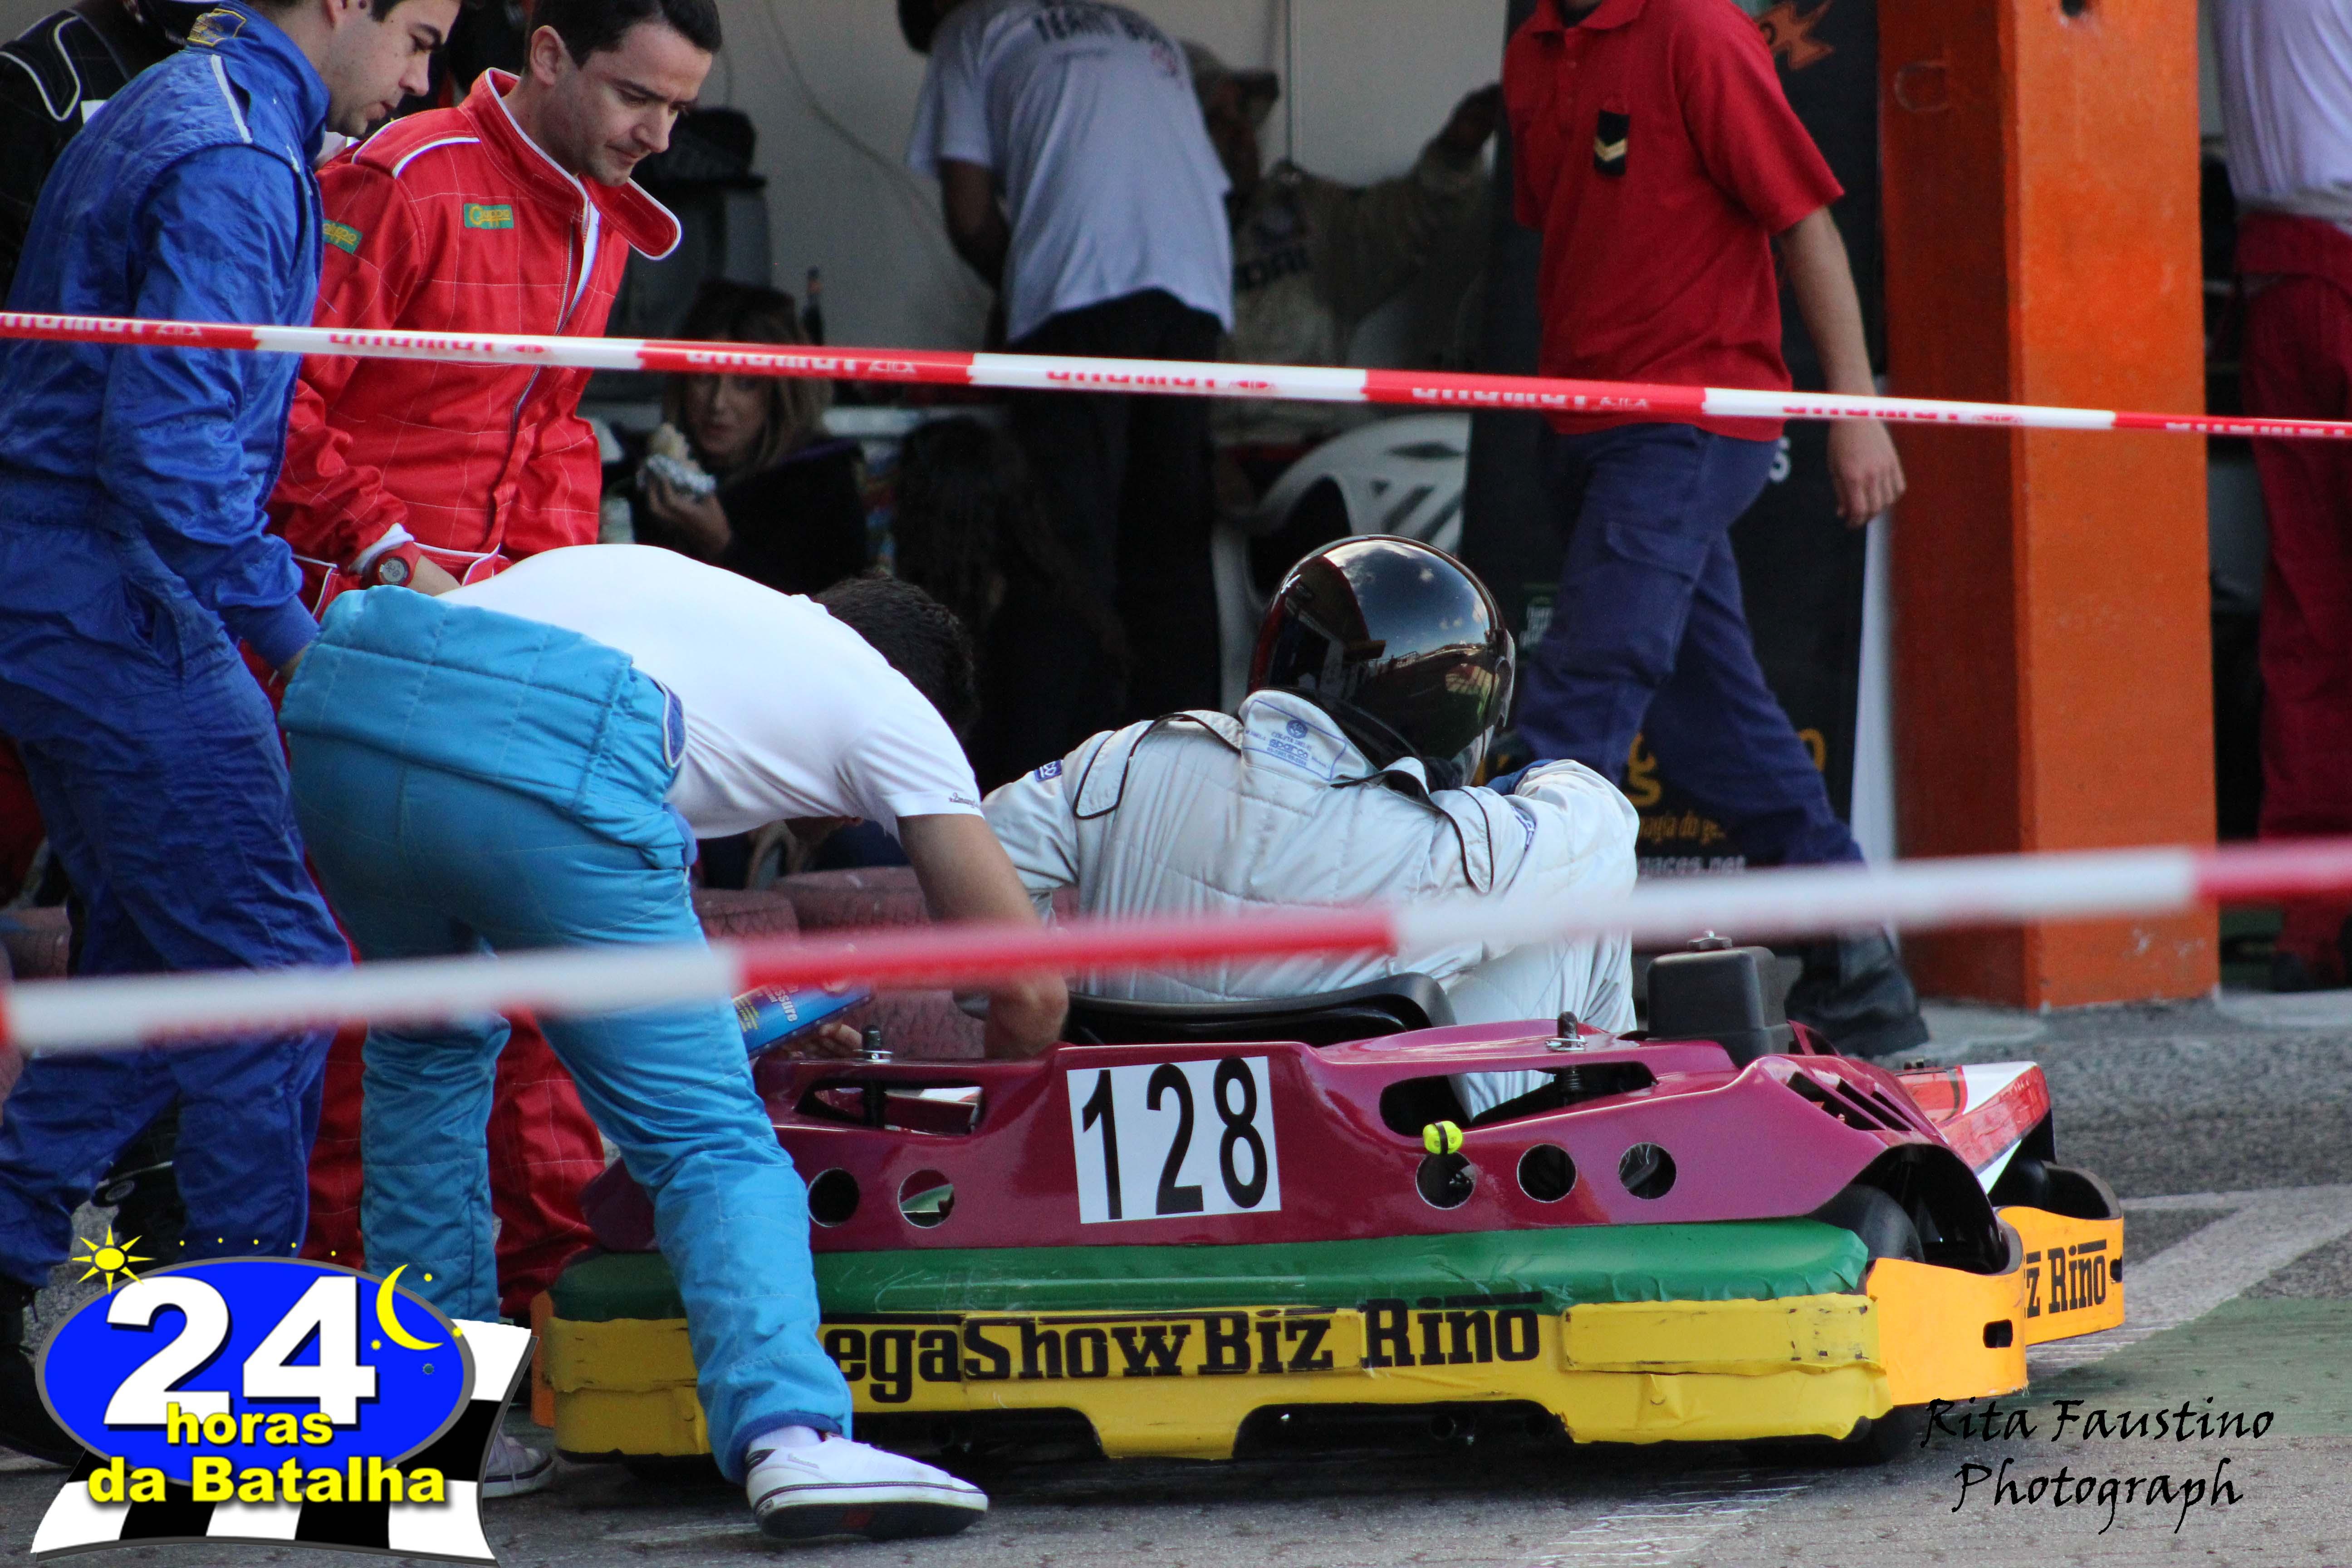 24 Horas da Batalha 2015 - Troca de pilotos34